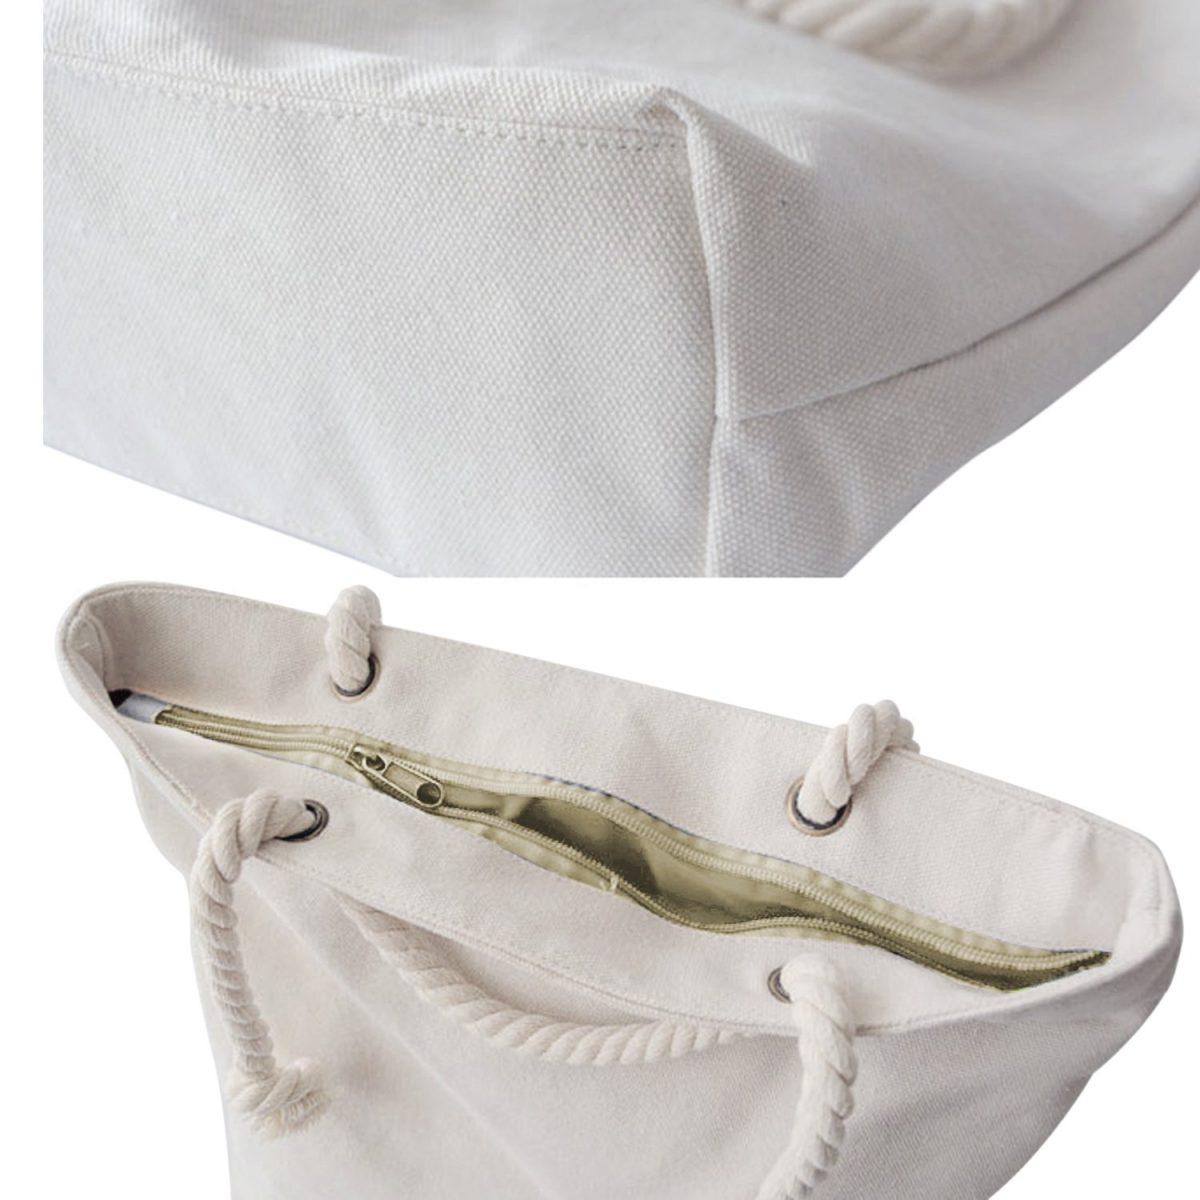 Coco Parfüm Tasarımlı Dijital Baskılı Modern Fermuarlı Kumaş Çanta Realhomes